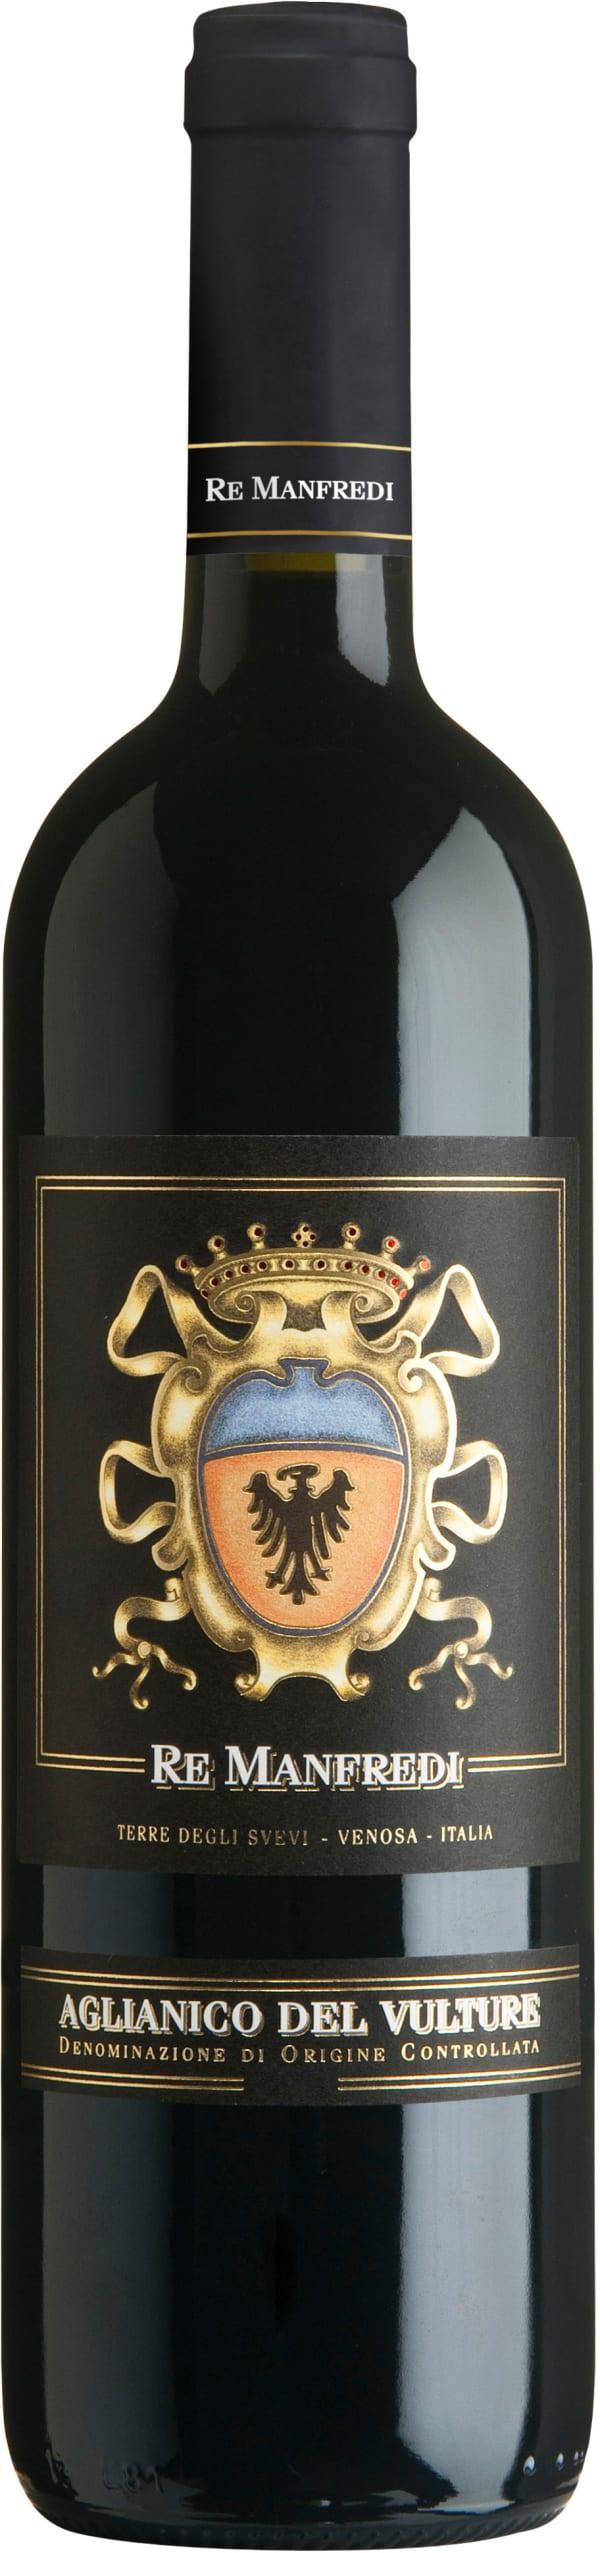 Re Manfredi Aglianico del Vulture 2013